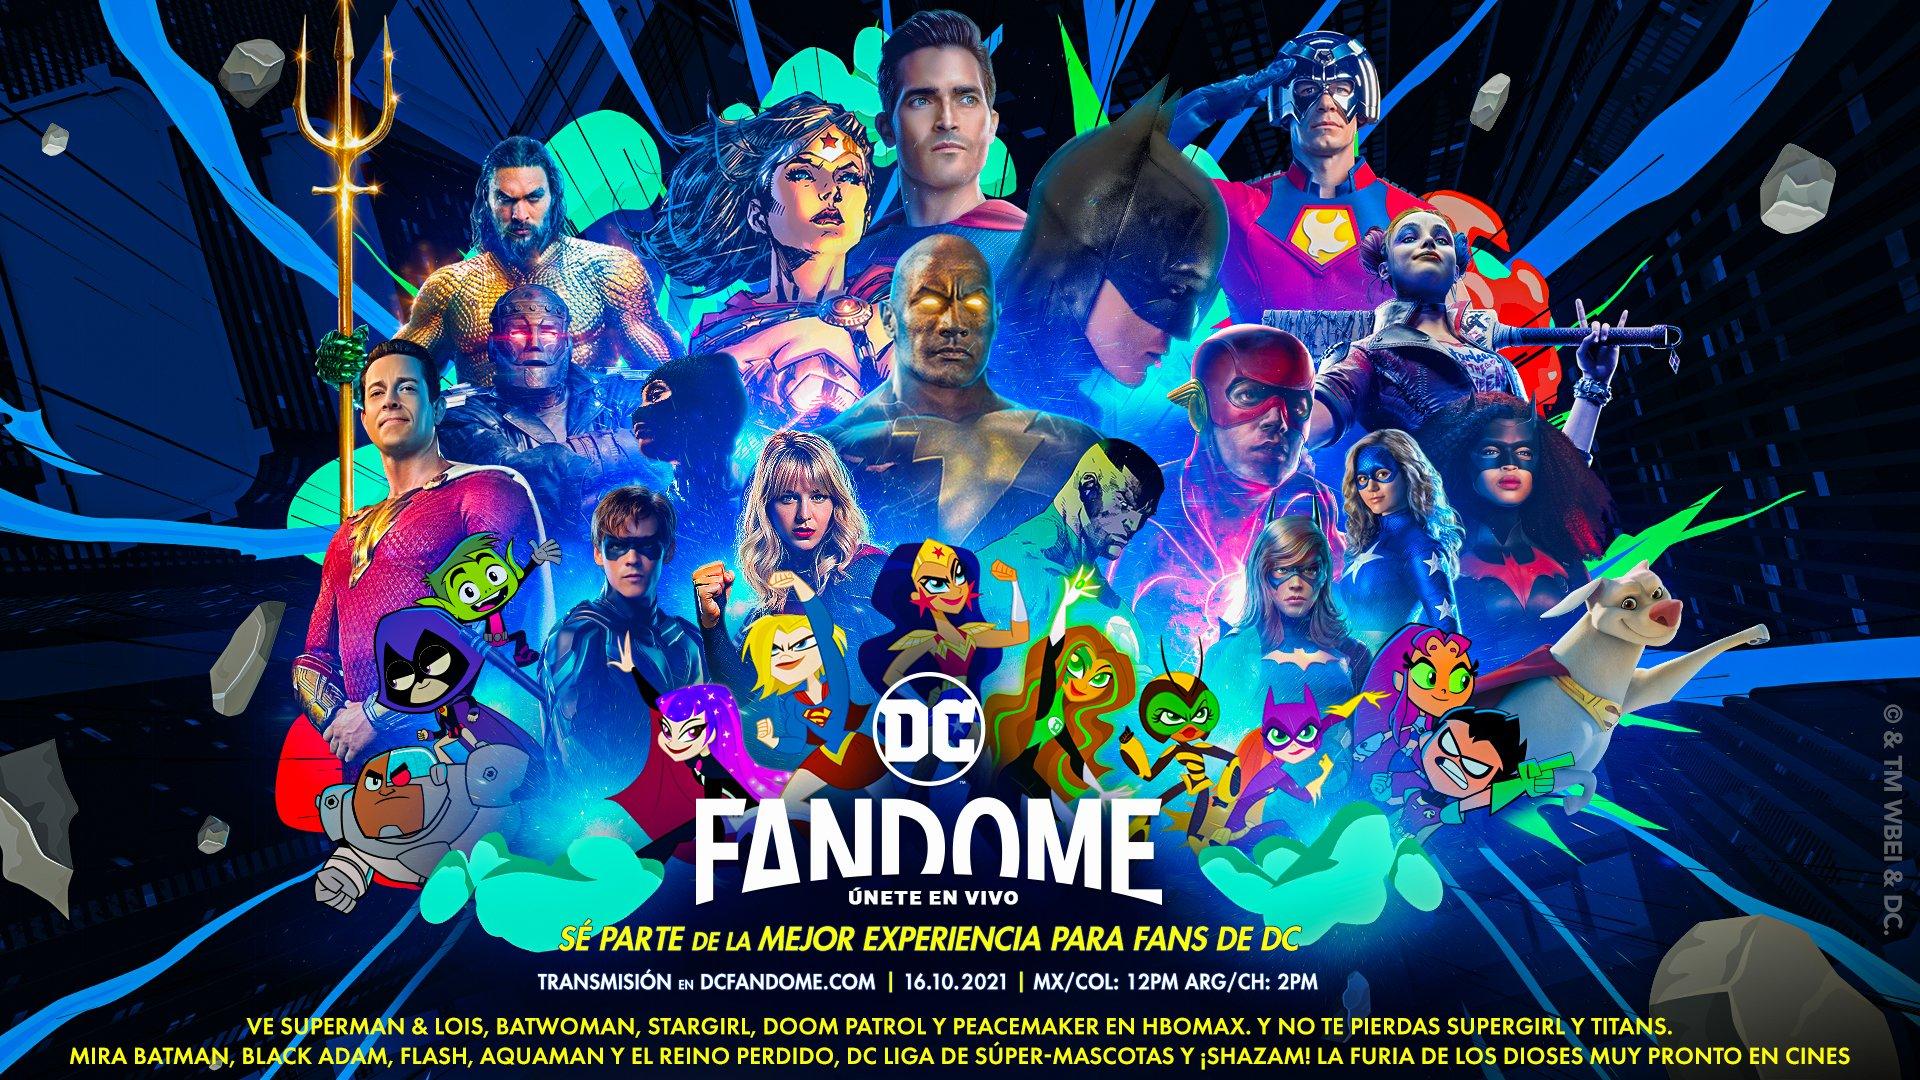 DC FanDome 2021: Estos son los paneles que serán presentados en el evento - TVLaint